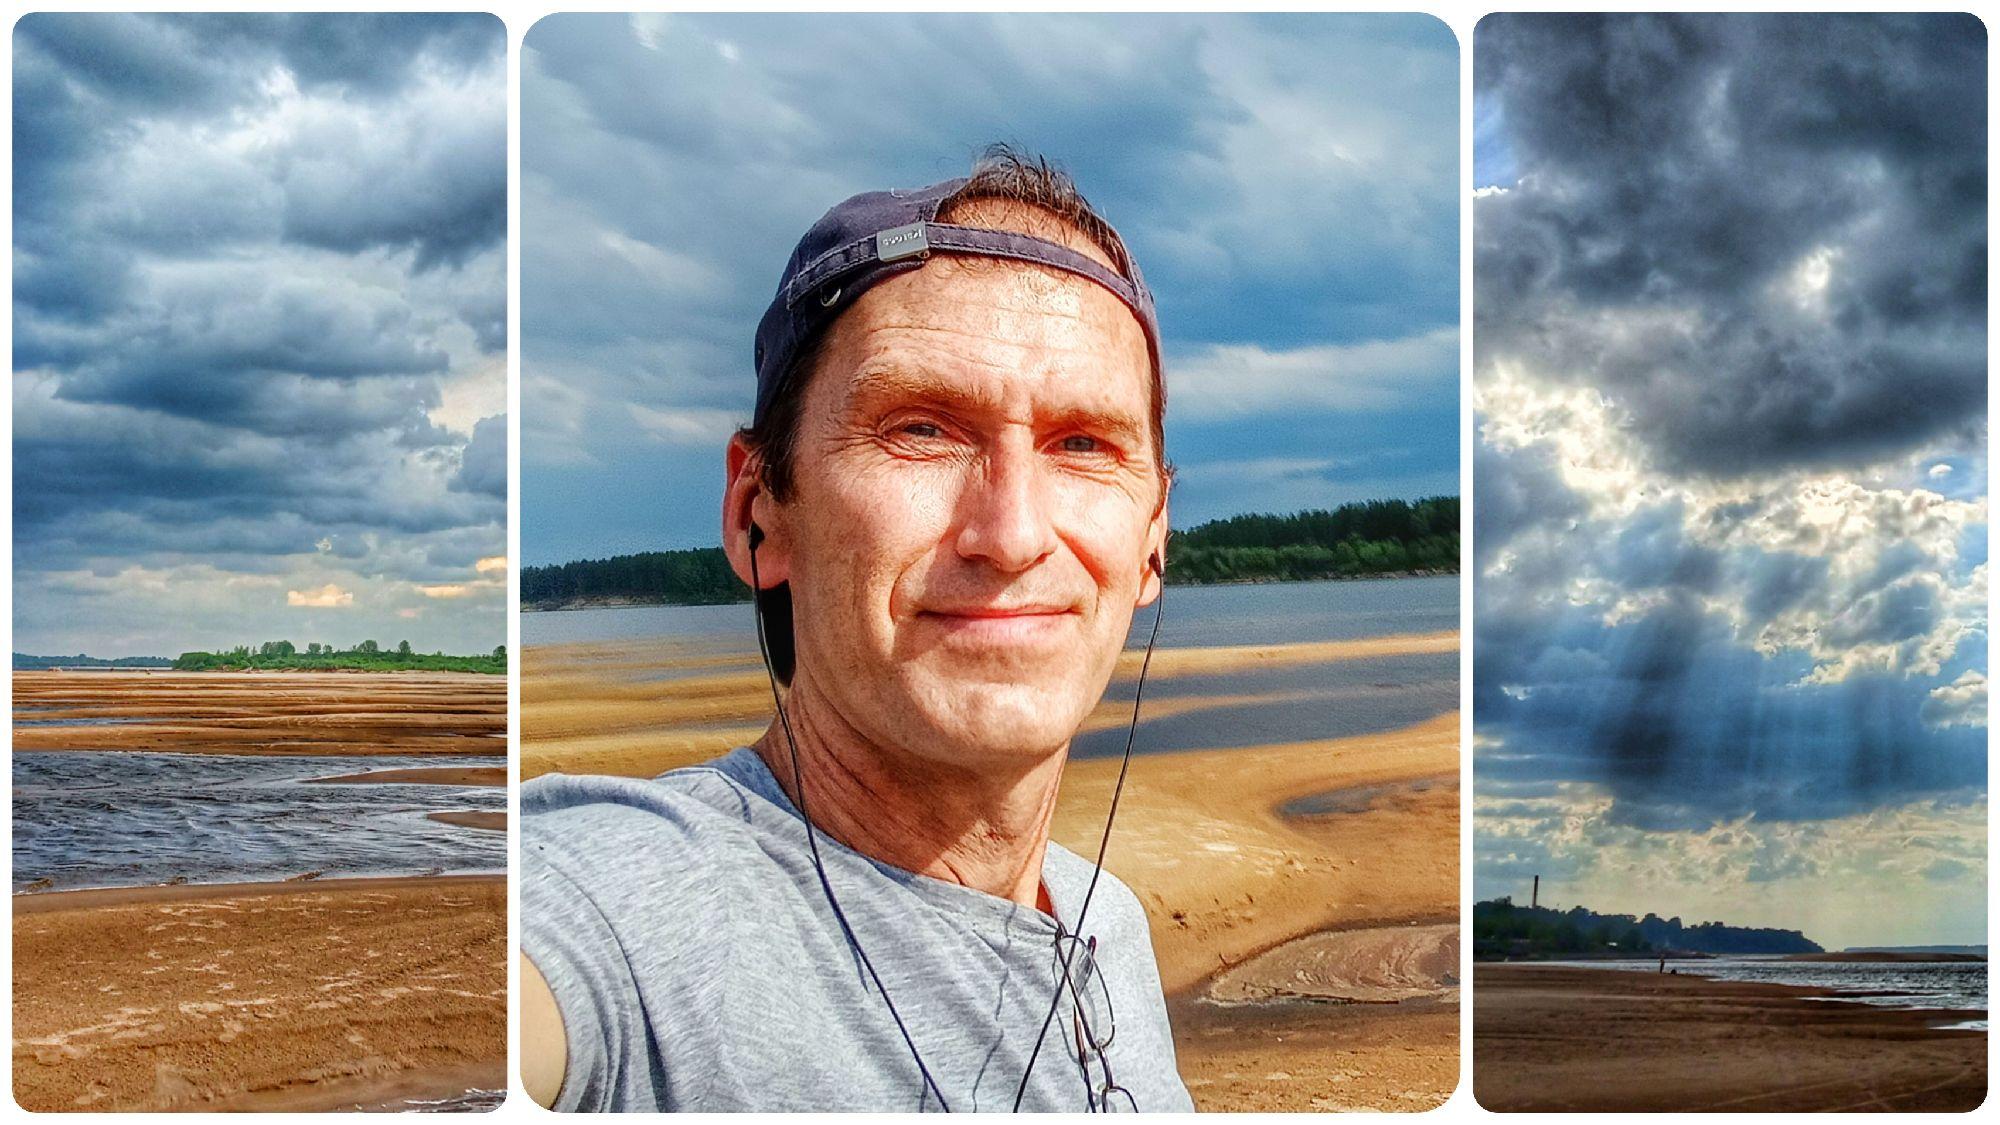 01. Прогулка на пляж перед грозой. Коряжма, Вычегда, 25 июня 2021